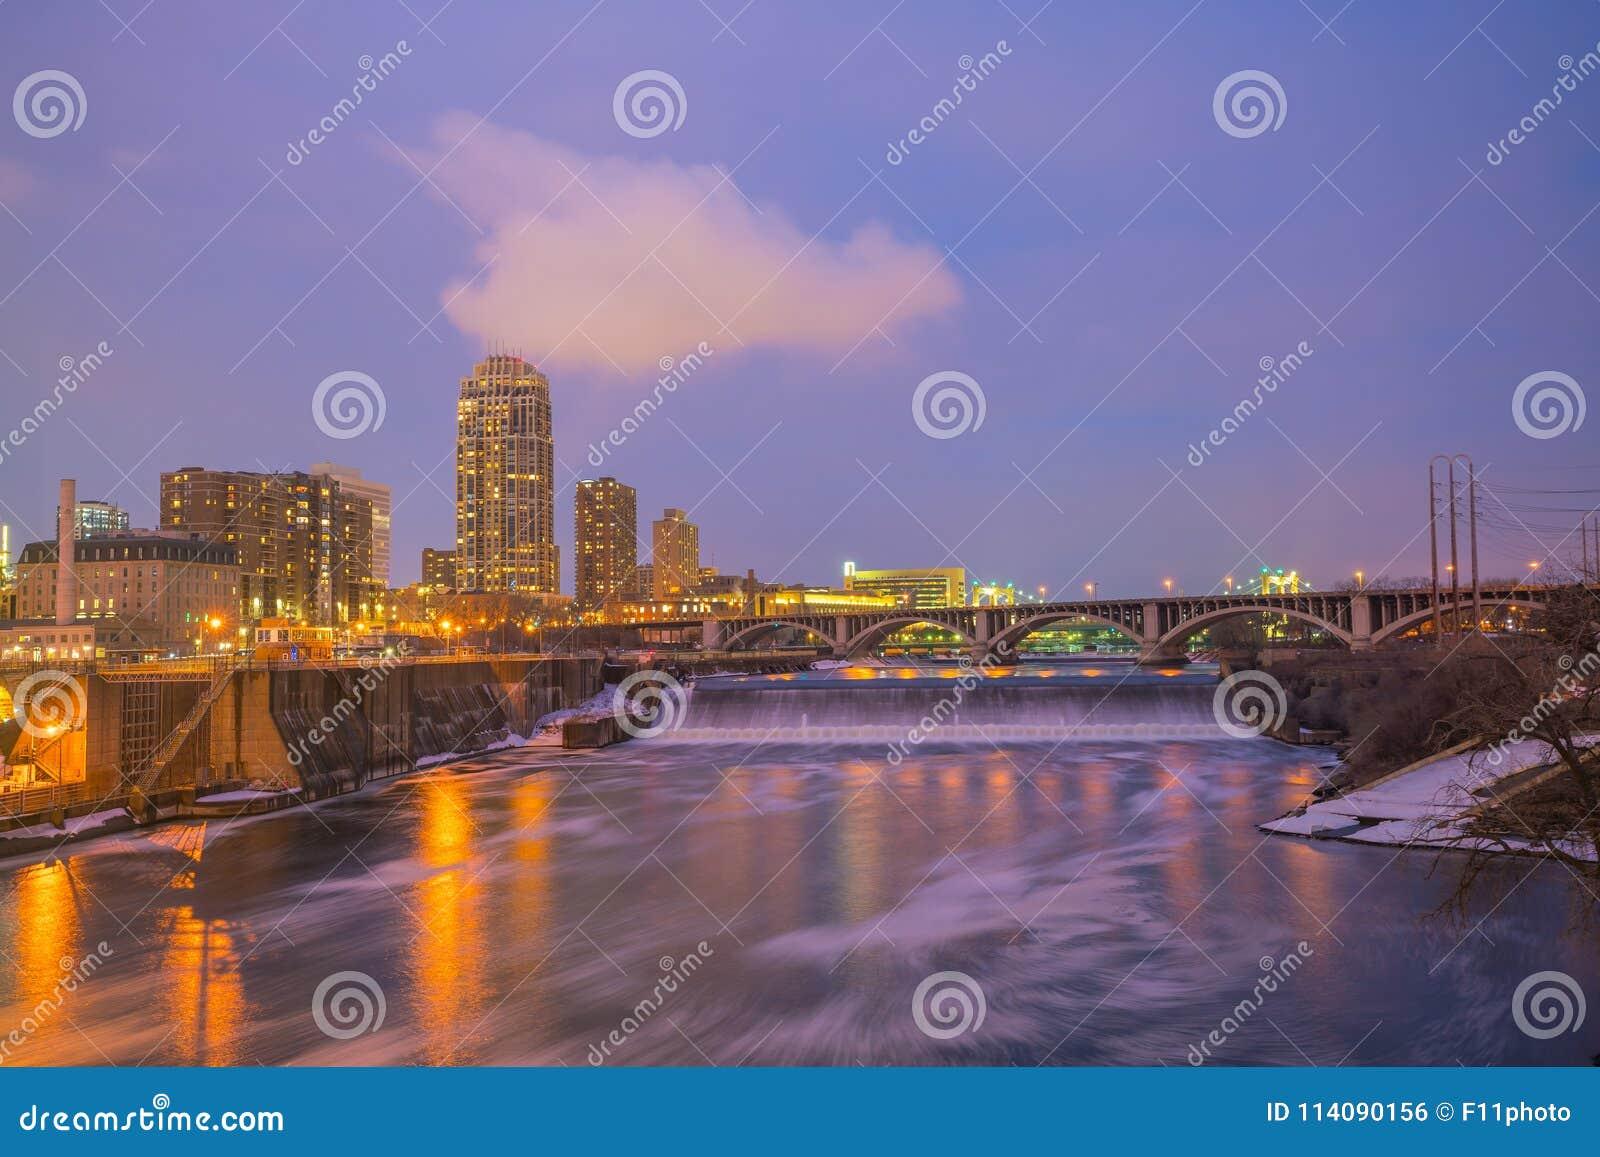 Στο κέντρο της πόλης ορίζοντας της Μινεάπολη σε Μινεσότα, ΗΠΑ